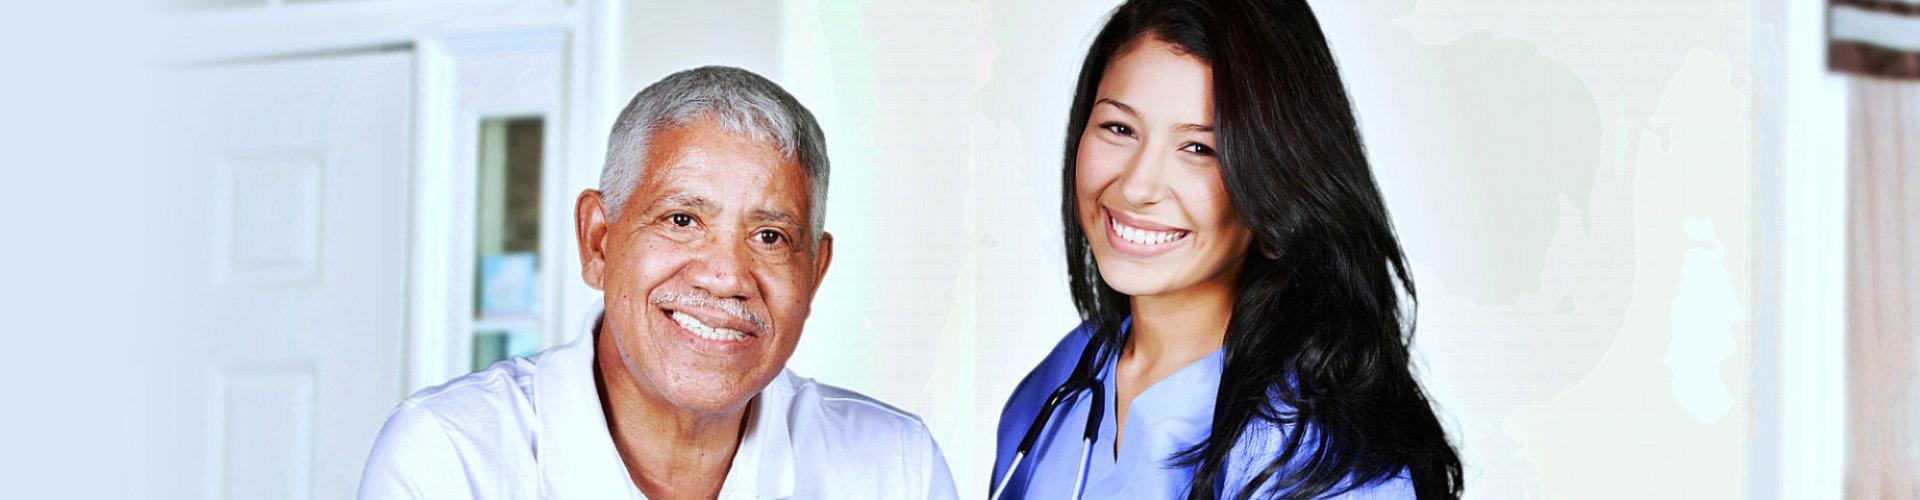 caregiver assisting senior man to walk